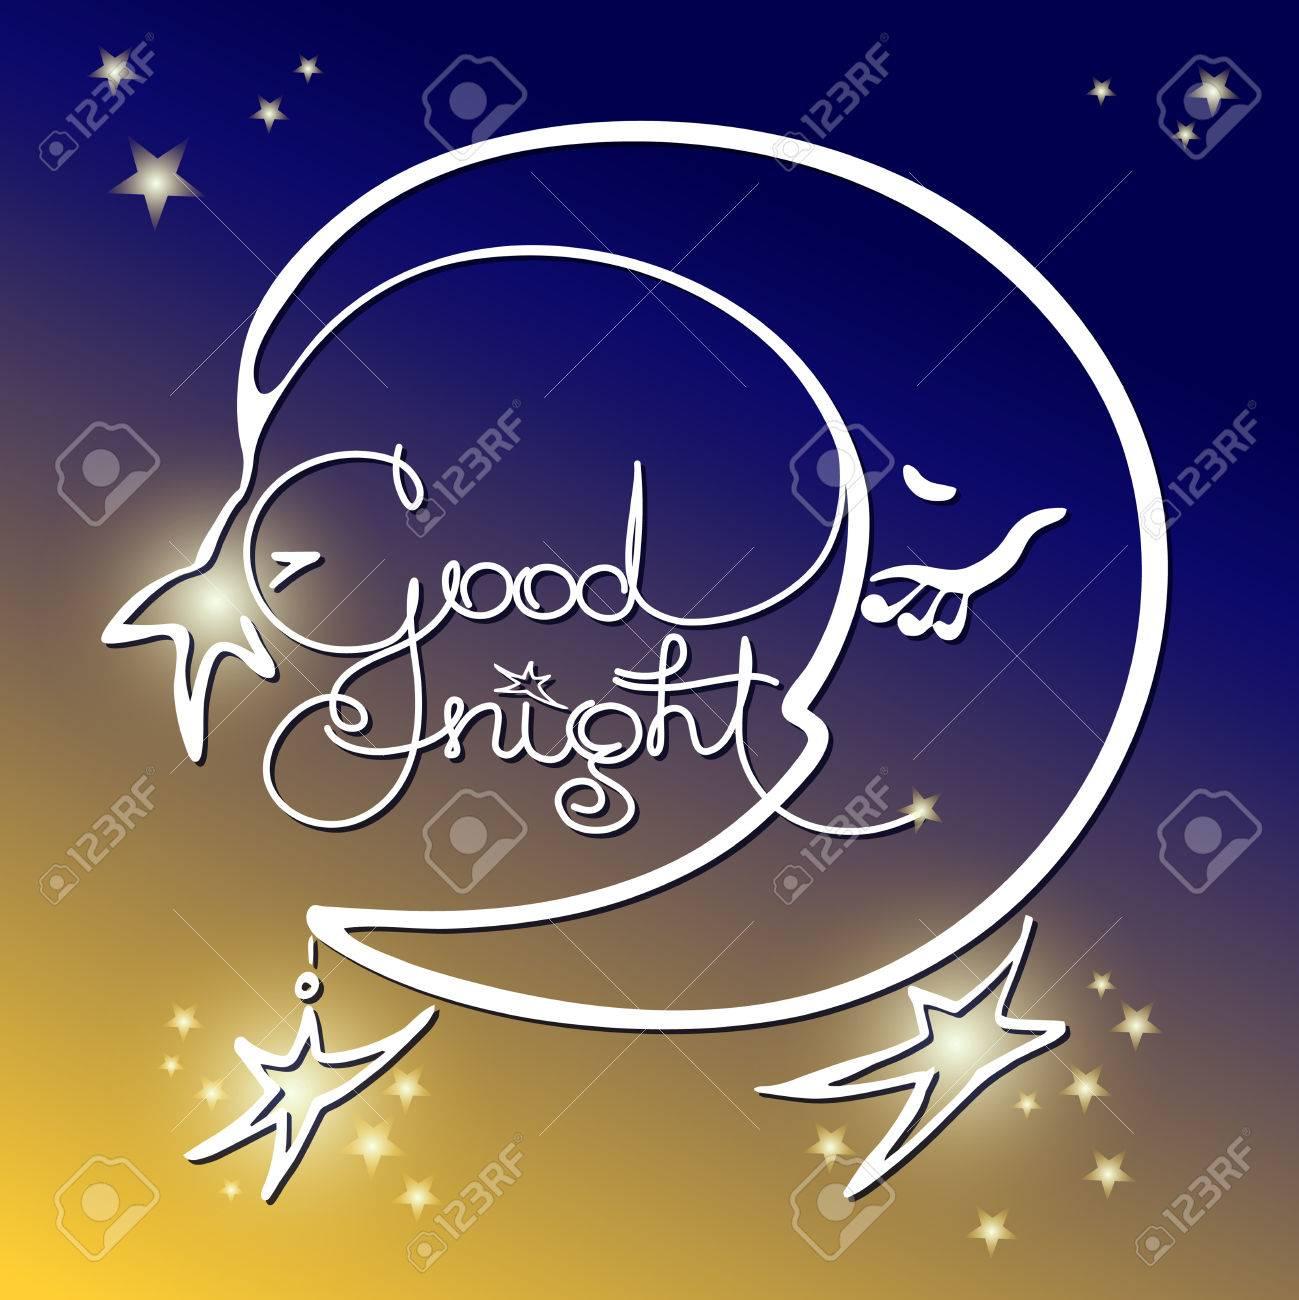 Good Night Vector Illustration Of Handwritten Words Moon On